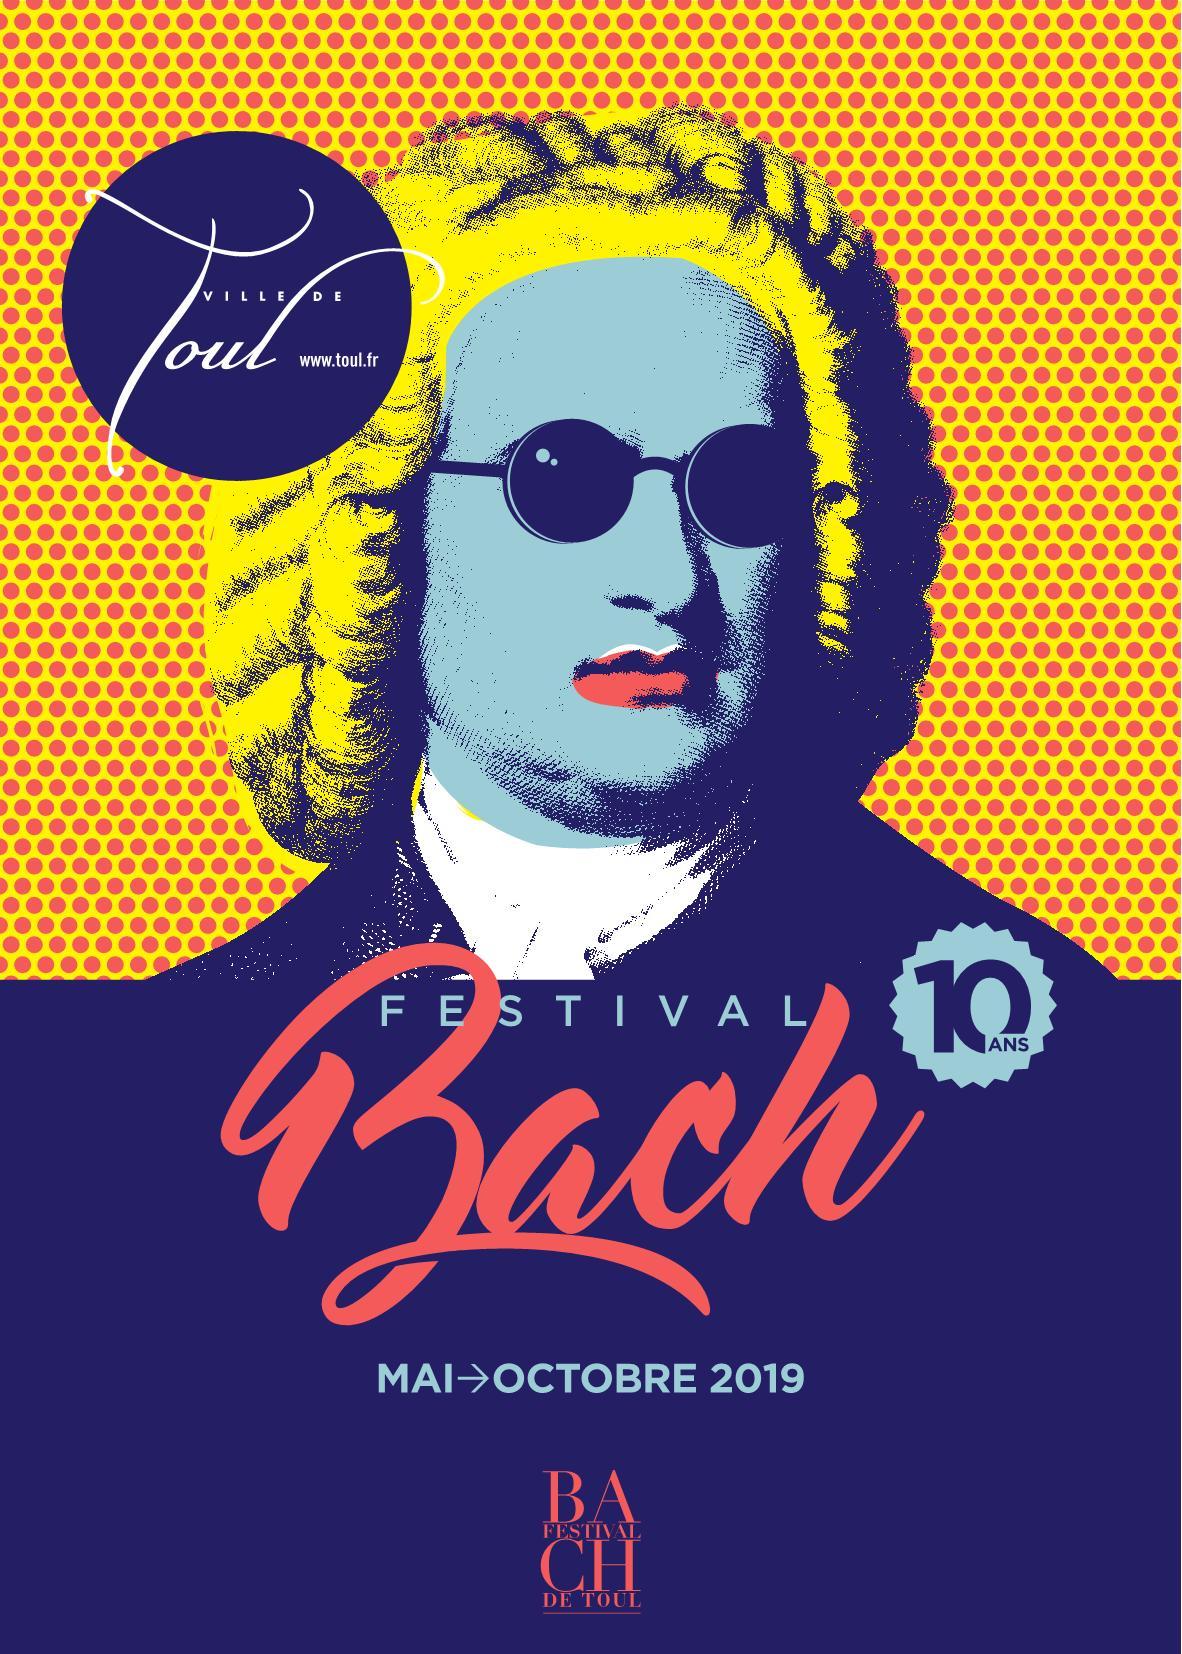 Festival Bach de Toul 2019